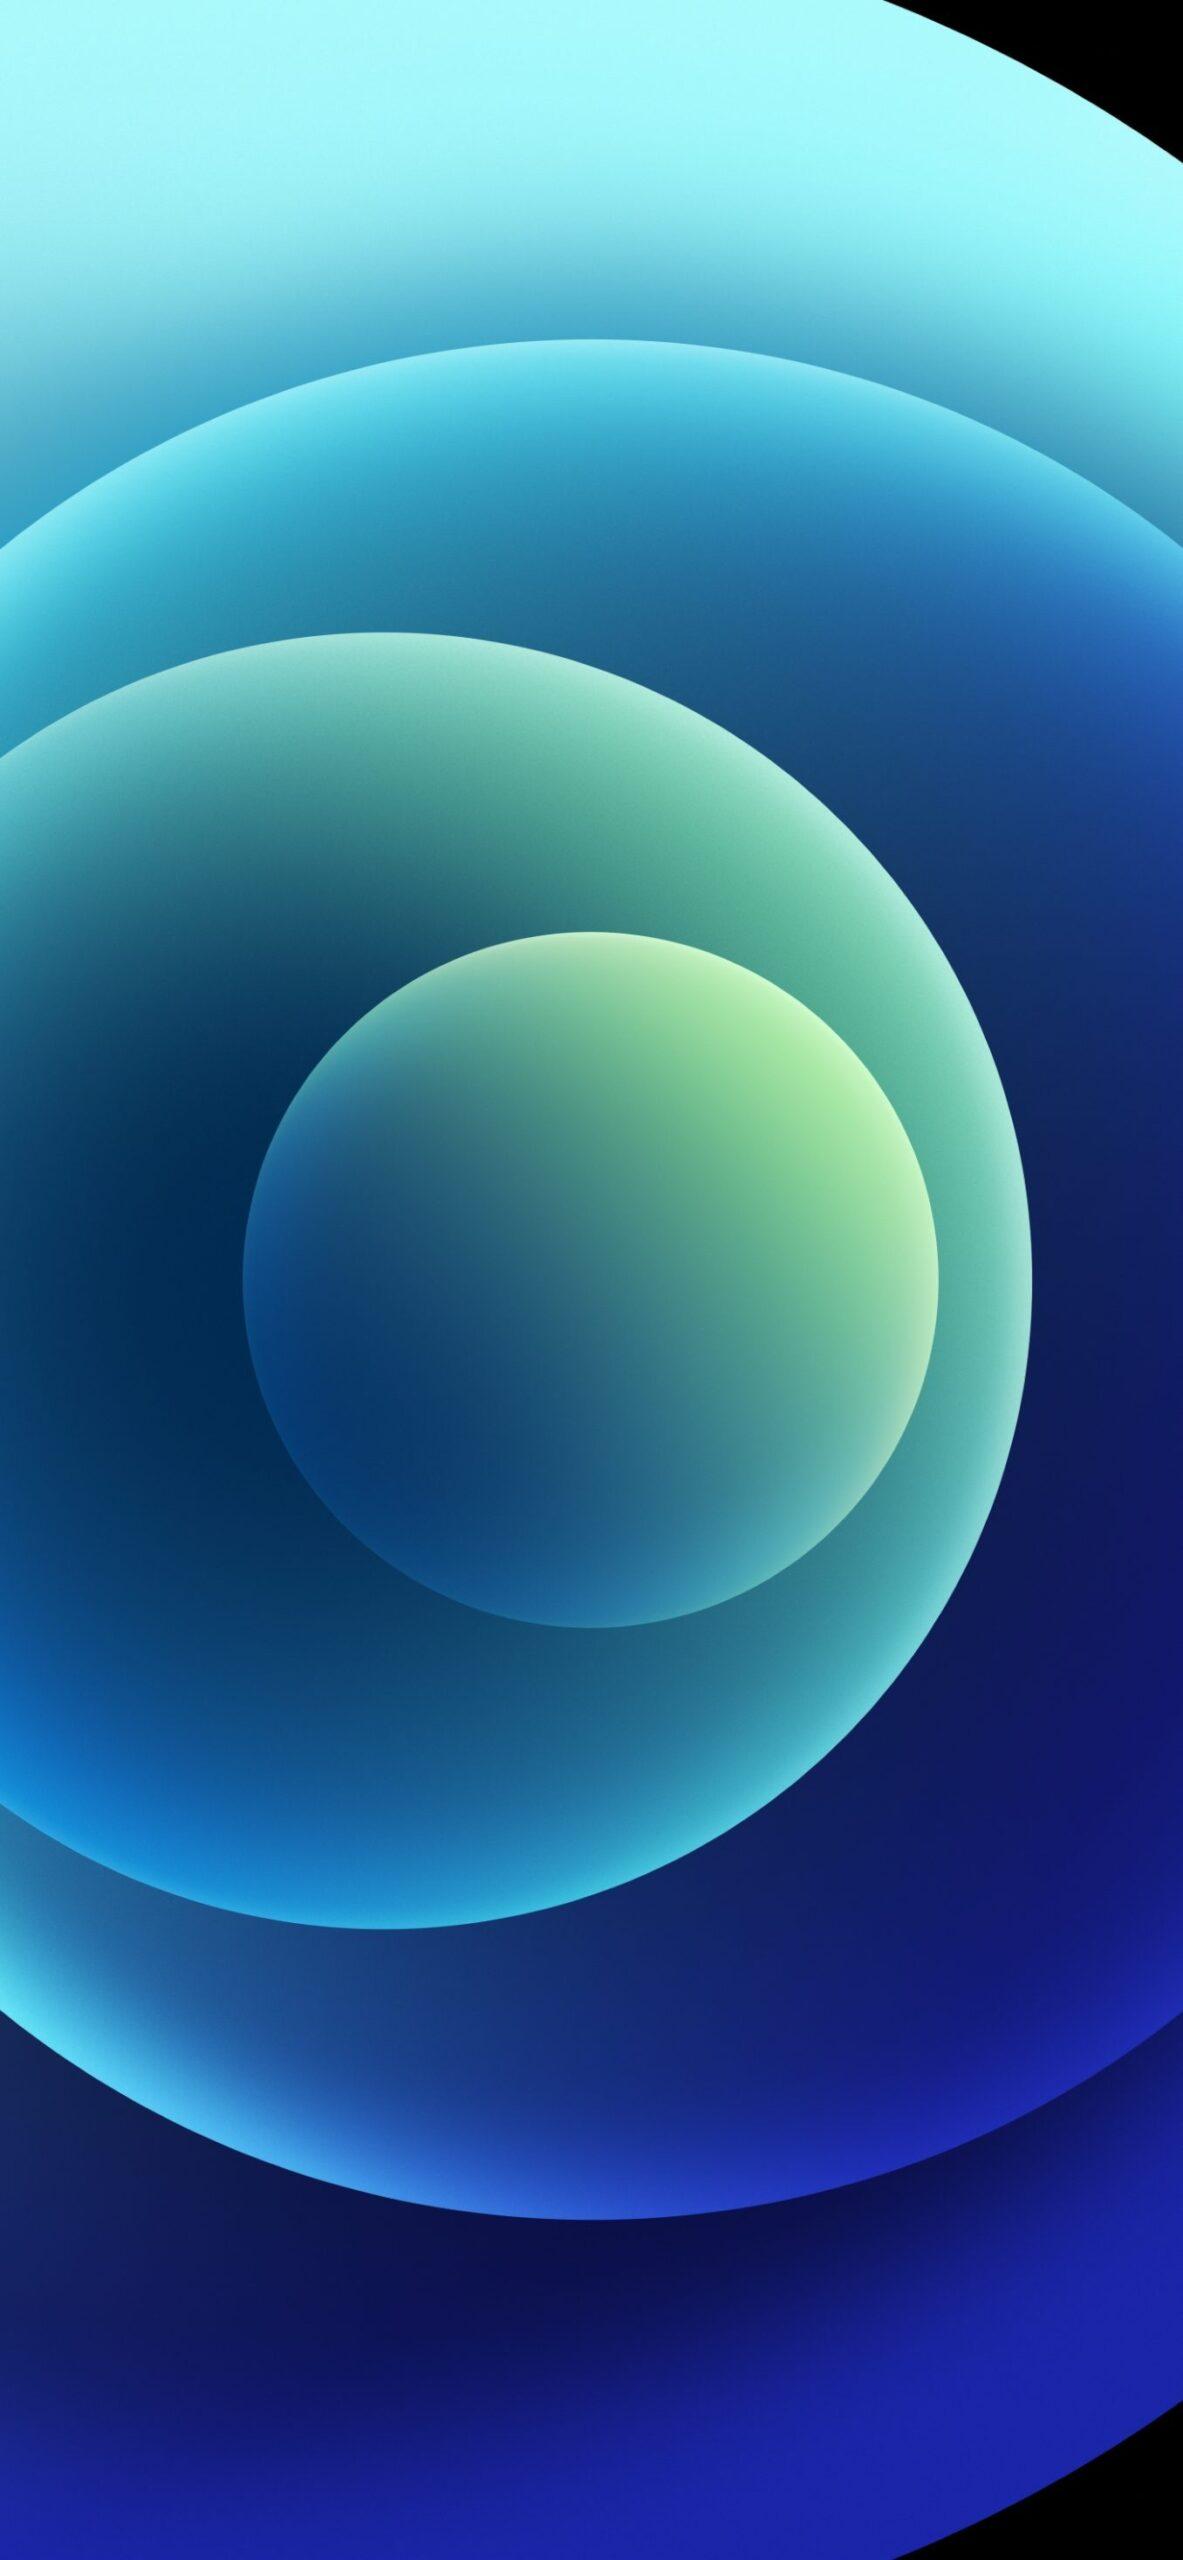 Sforum - Trang thông tin công nghệ mới nhất Orbs-Blue-Light-scaled Mời tải trọn bộ hình nền đầy màu sắc của loạt iPhone 12 mới ra mắt